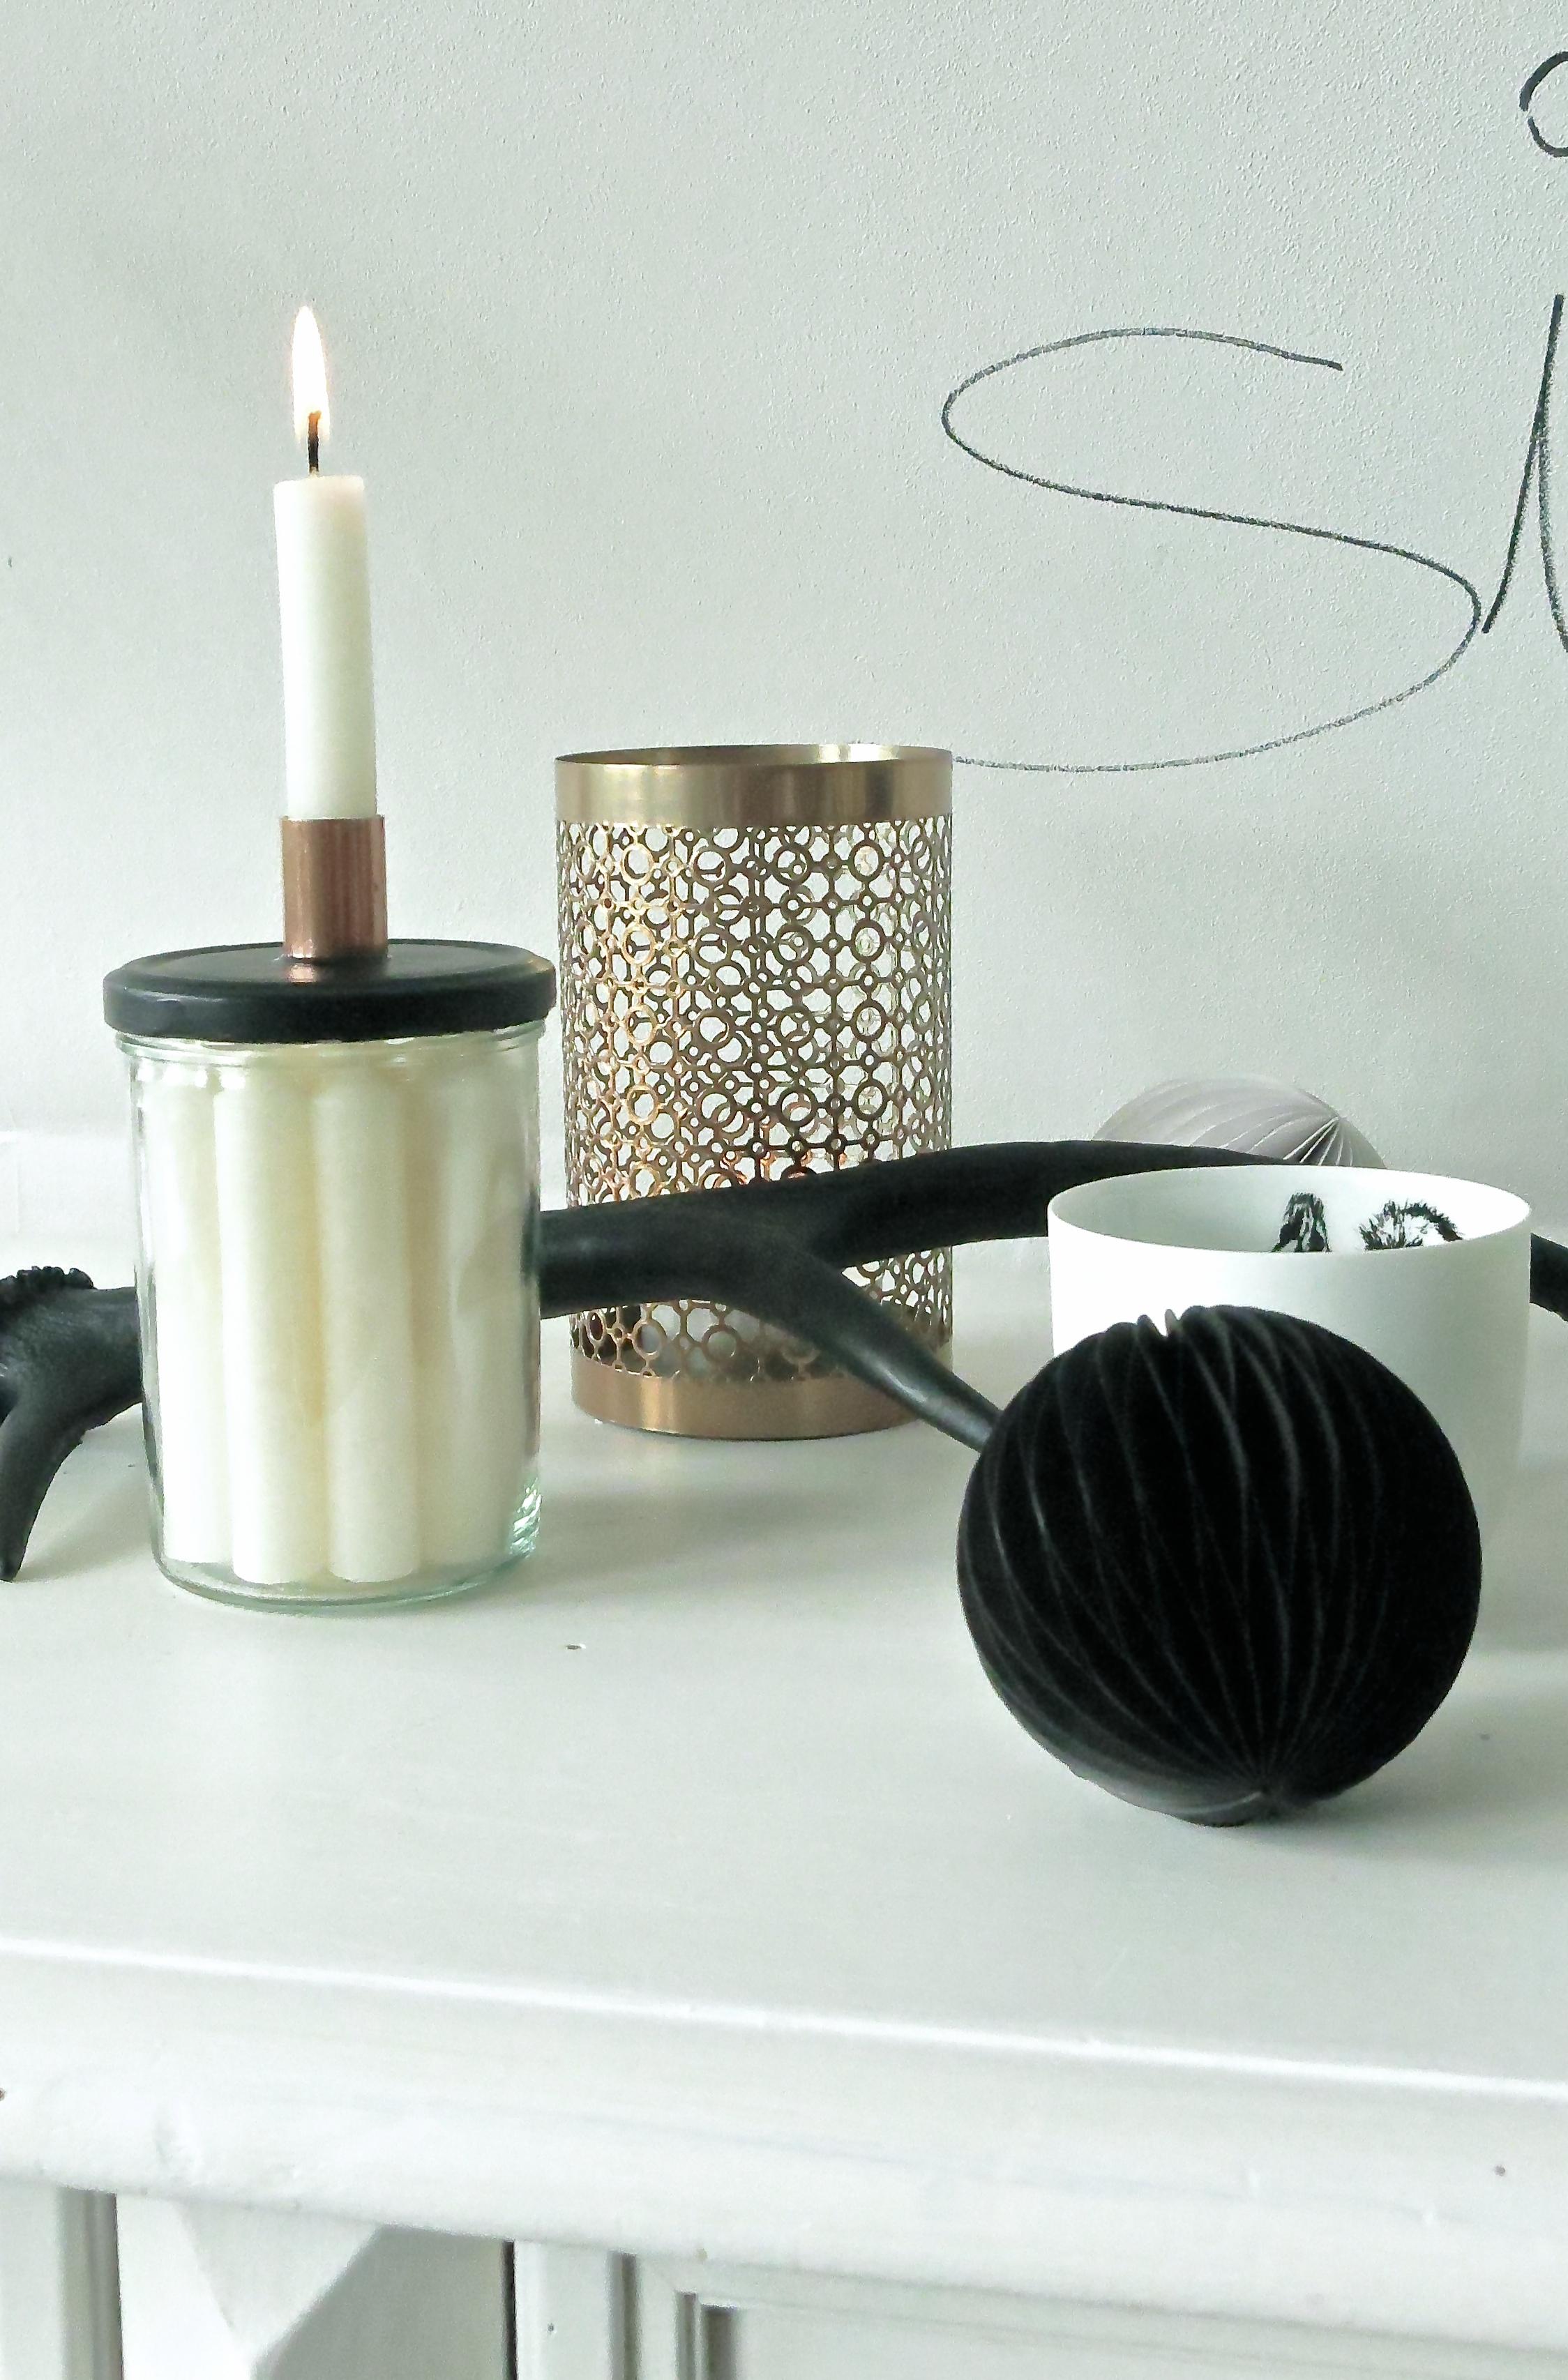 schwarz auf wei 107qm diy deko wohnen. Black Bedroom Furniture Sets. Home Design Ideas